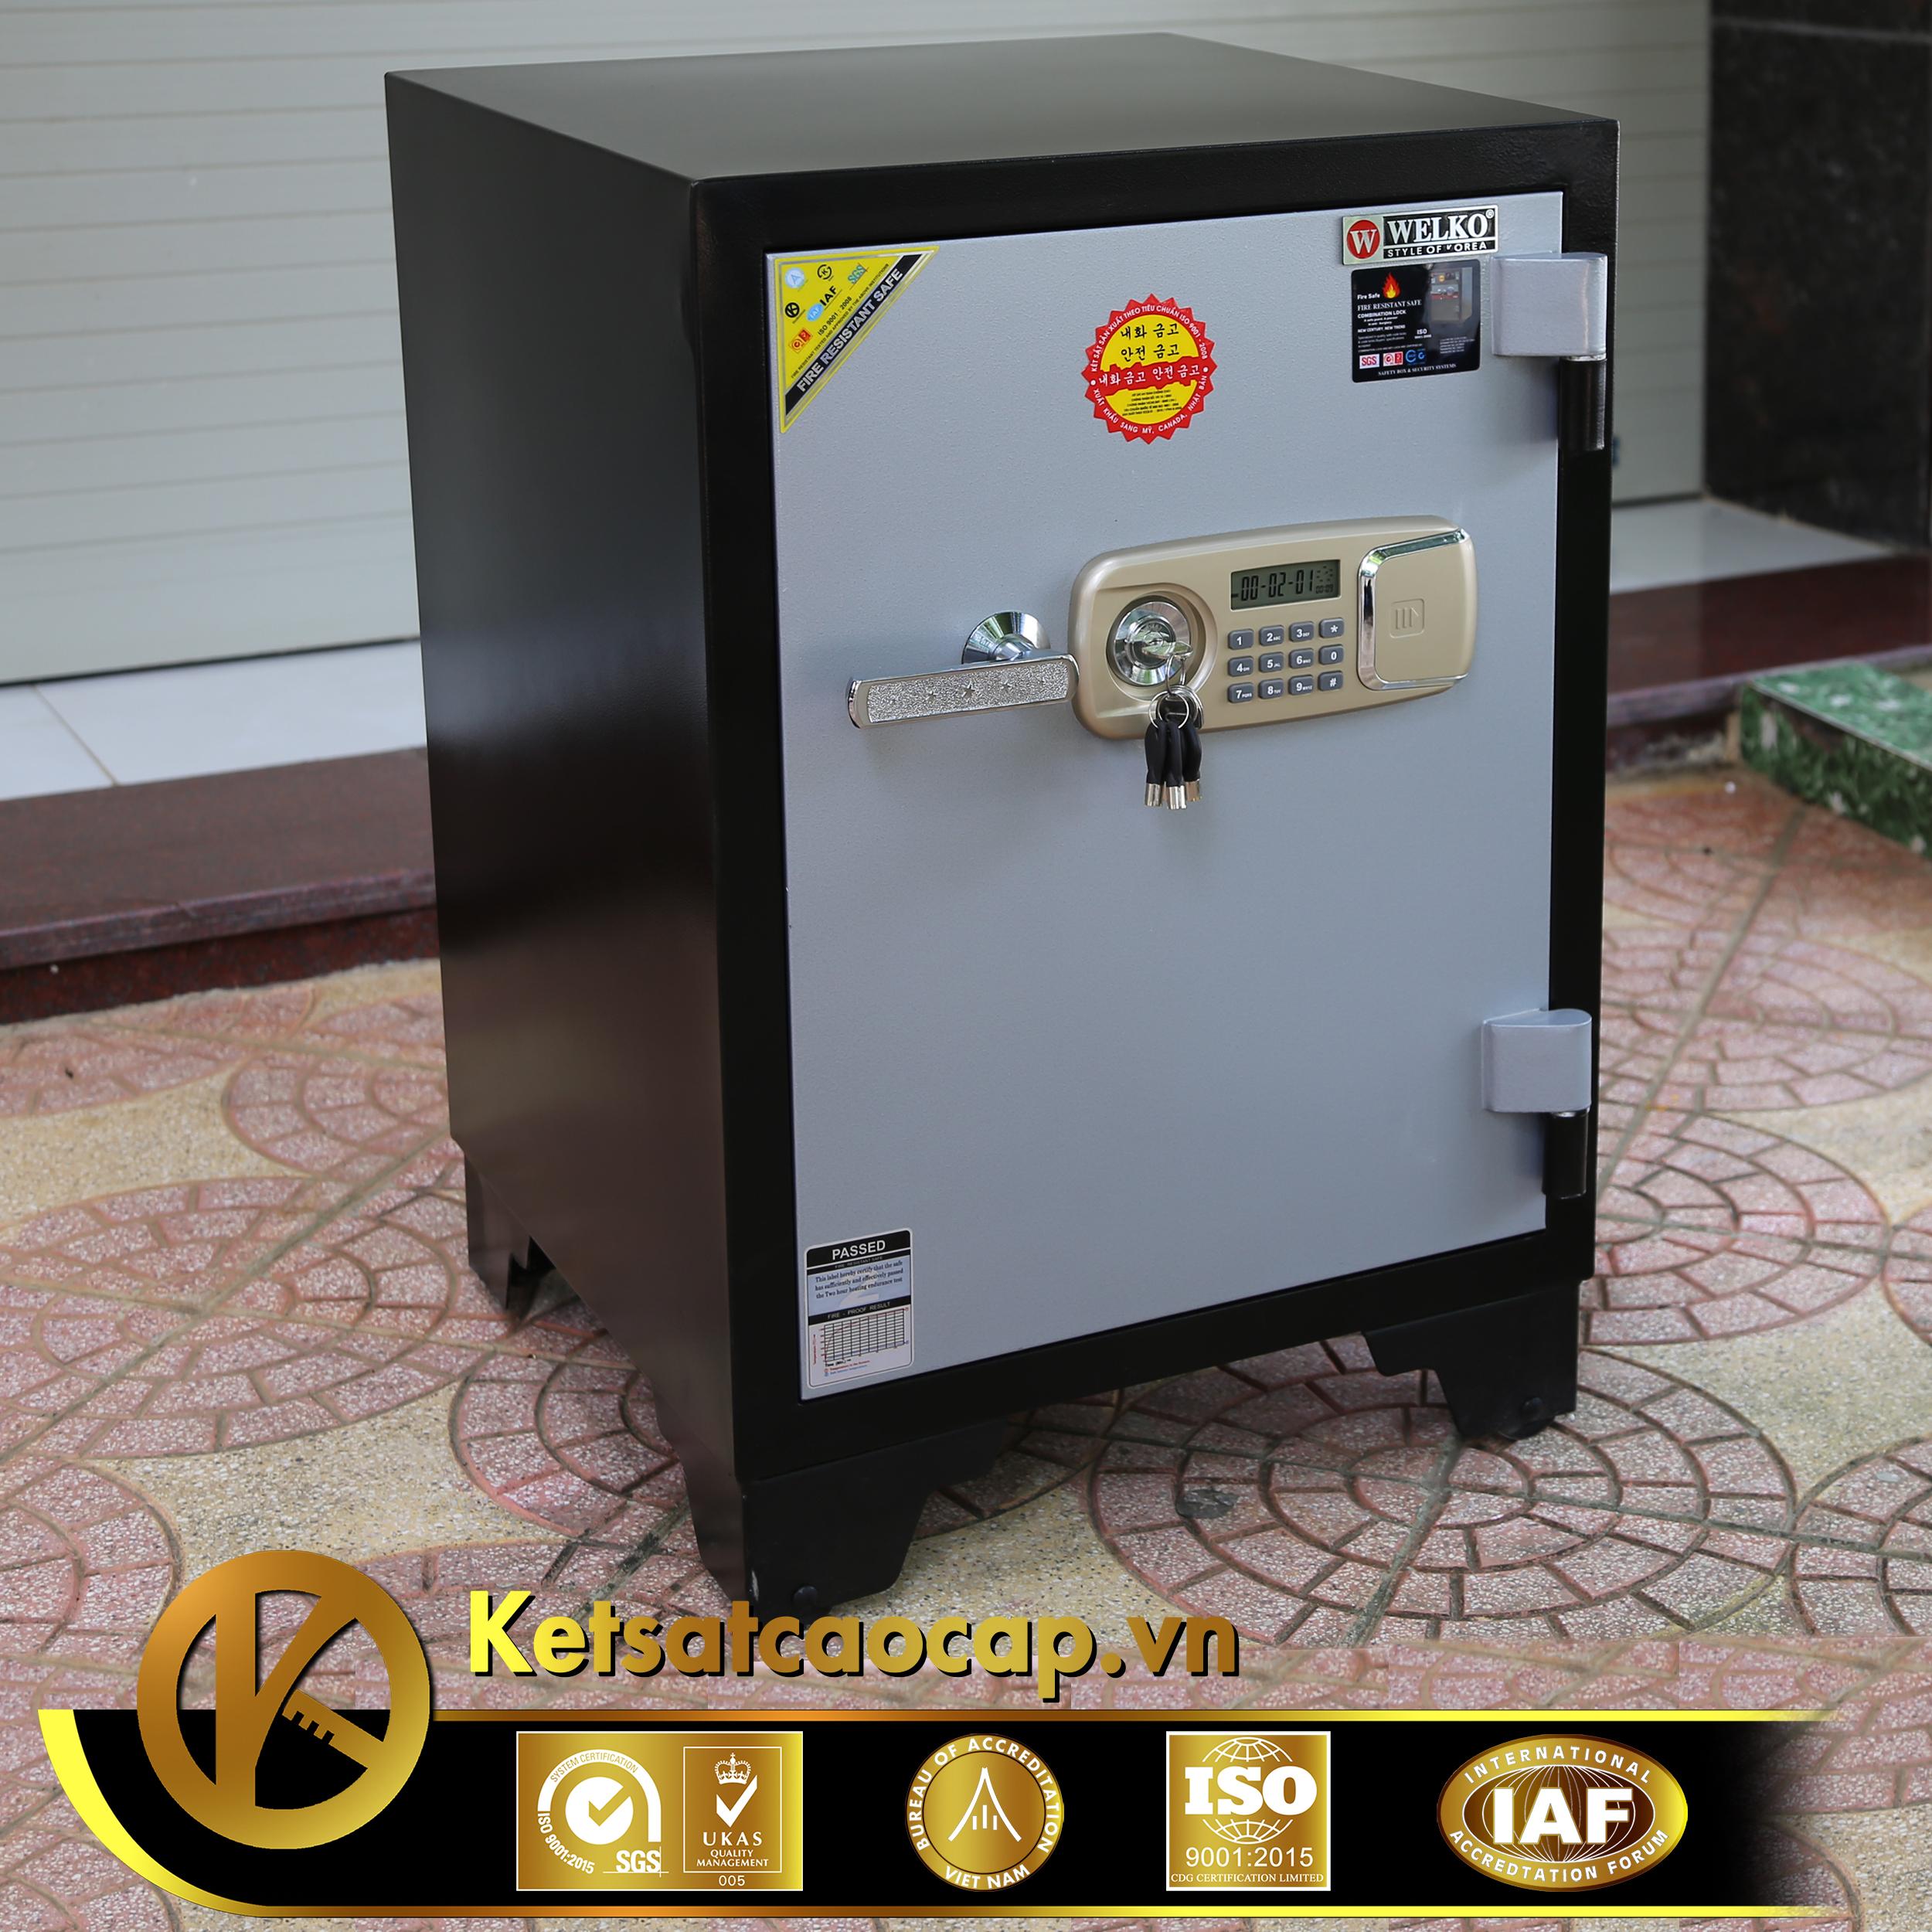 đặc điểm sản phẩm Két sắt văn phòng KS160B-Series E Việt Nam